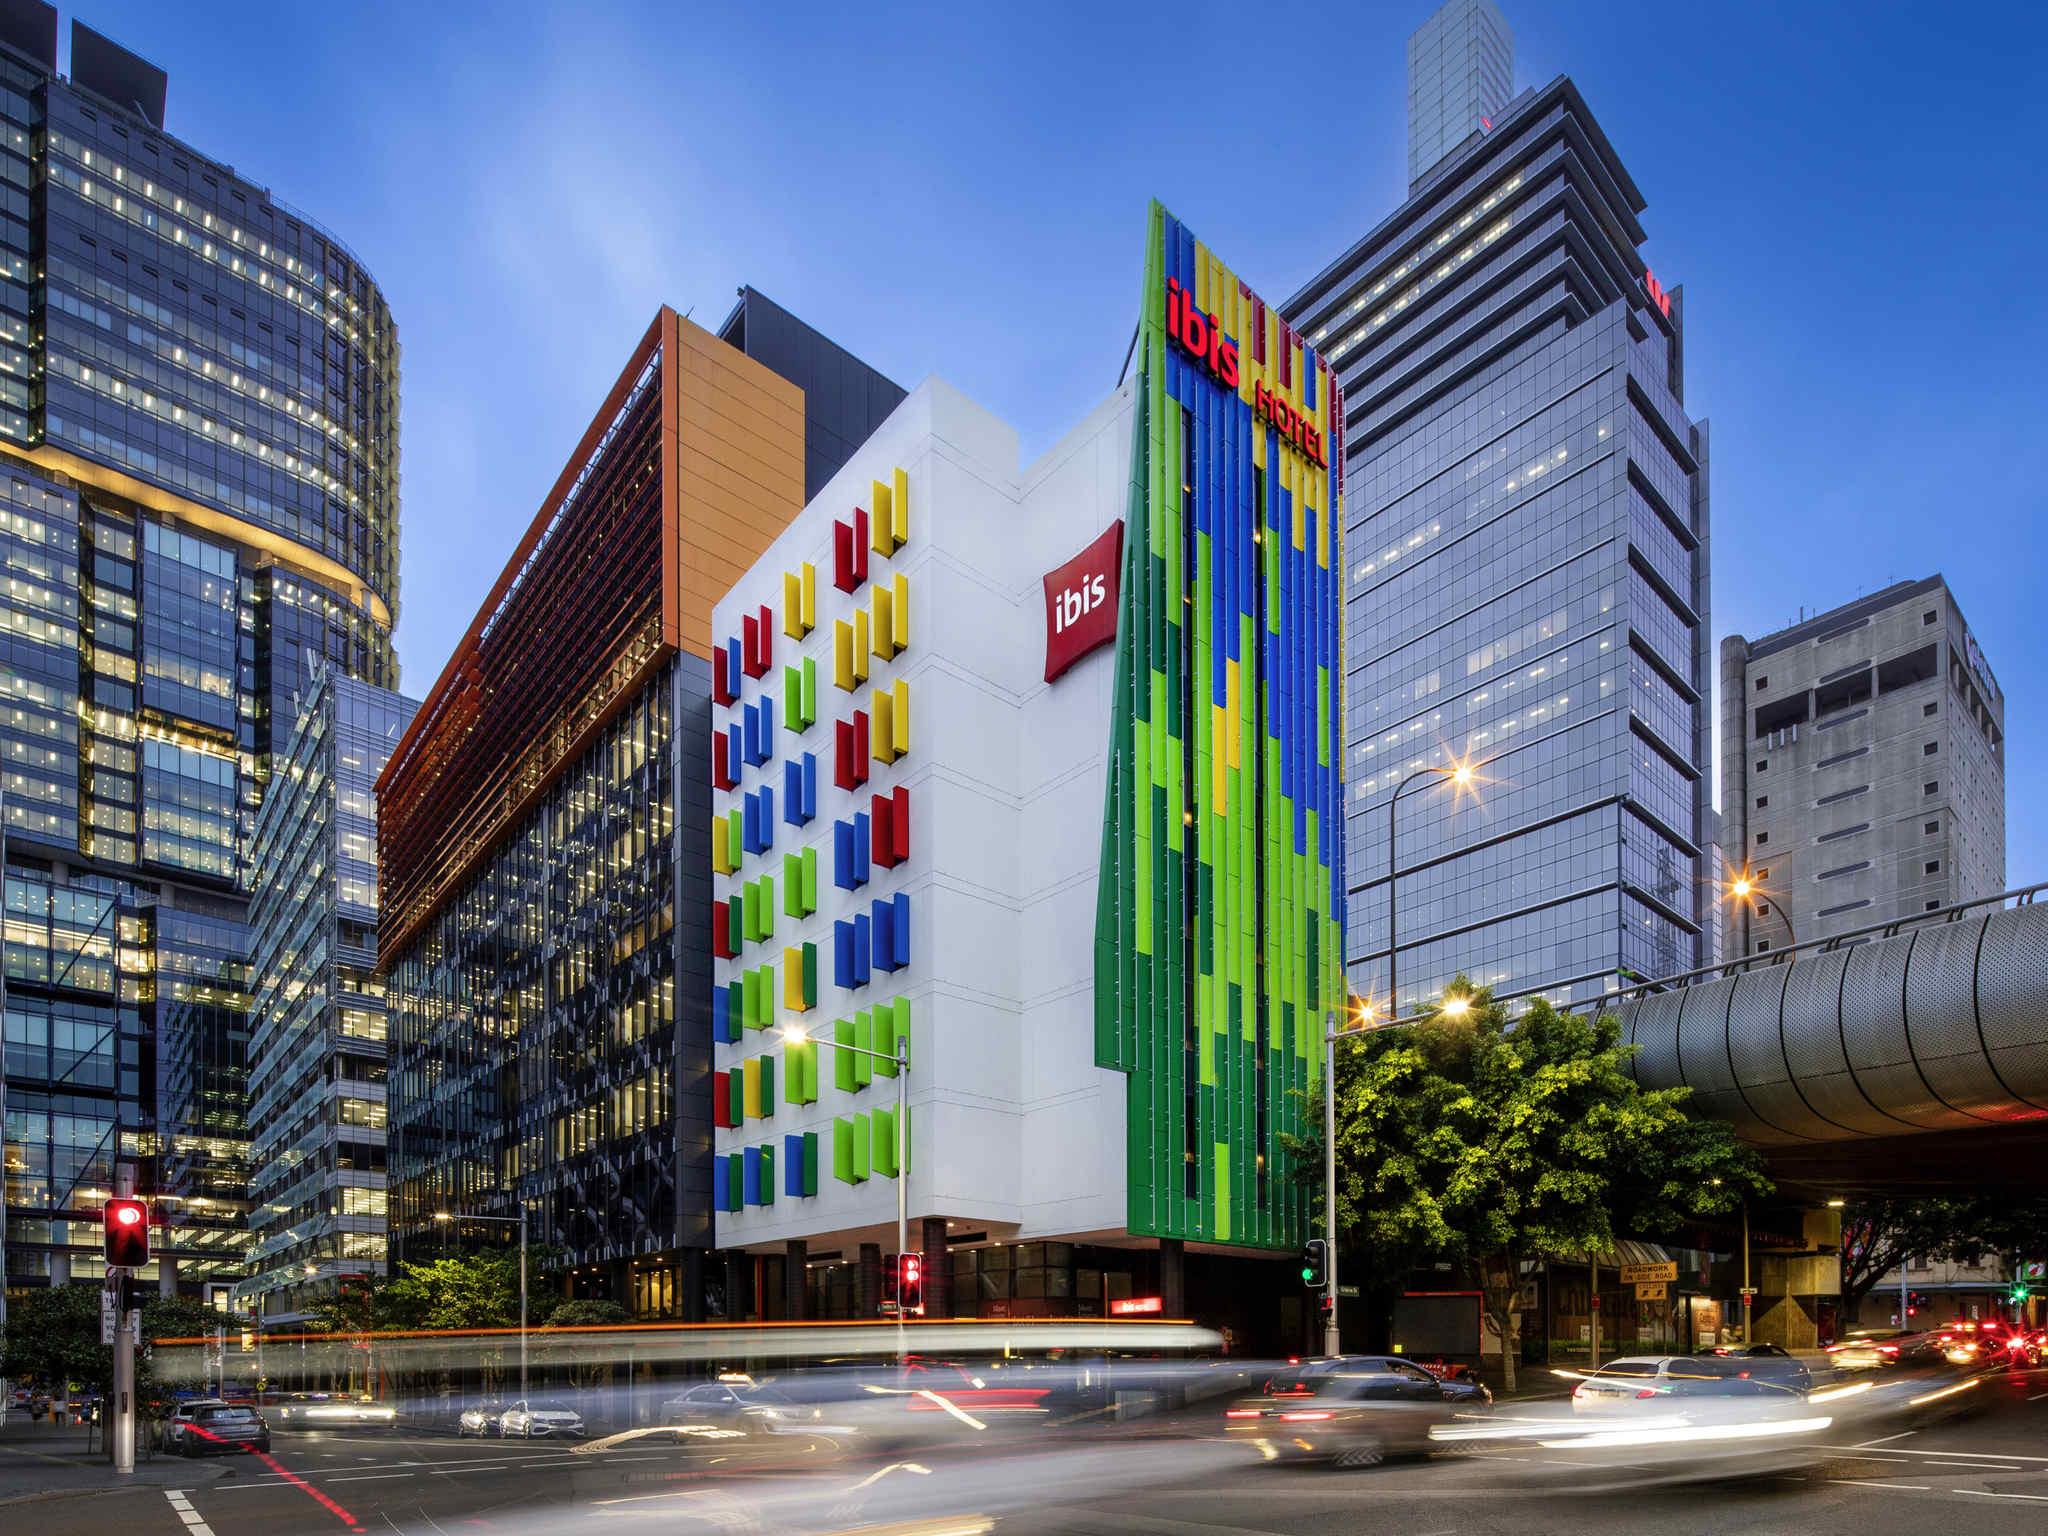 ホテル – イビスシドニーキングストリートワーフ